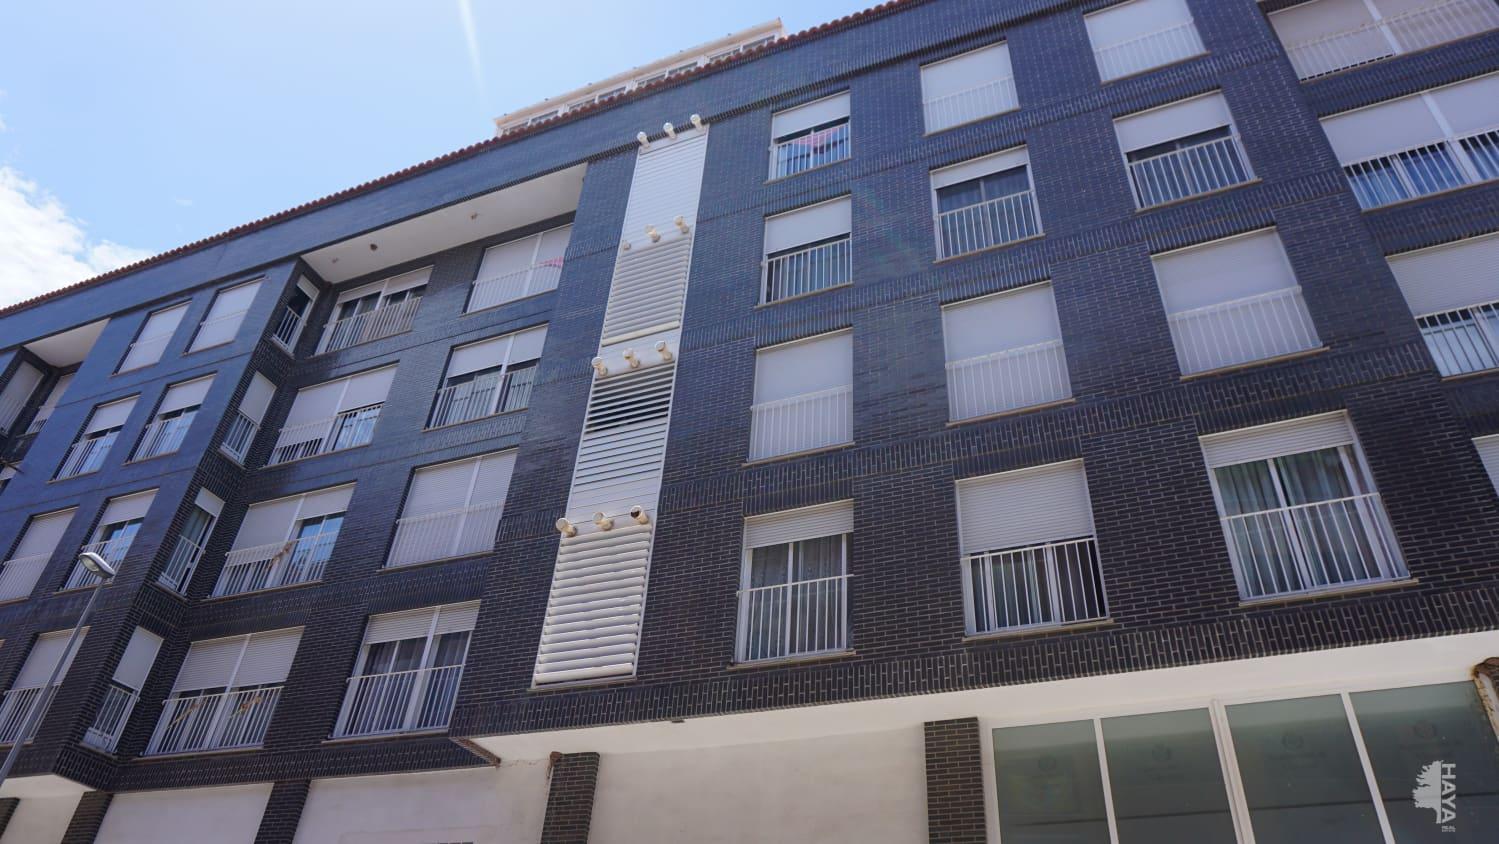 Piso en venta en Virgen de Gracia, Vila-real, Castellón, Camino Valencia/ Ponent Baix, 95.000 €, 2 habitaciones, 2 baños, 107 m2